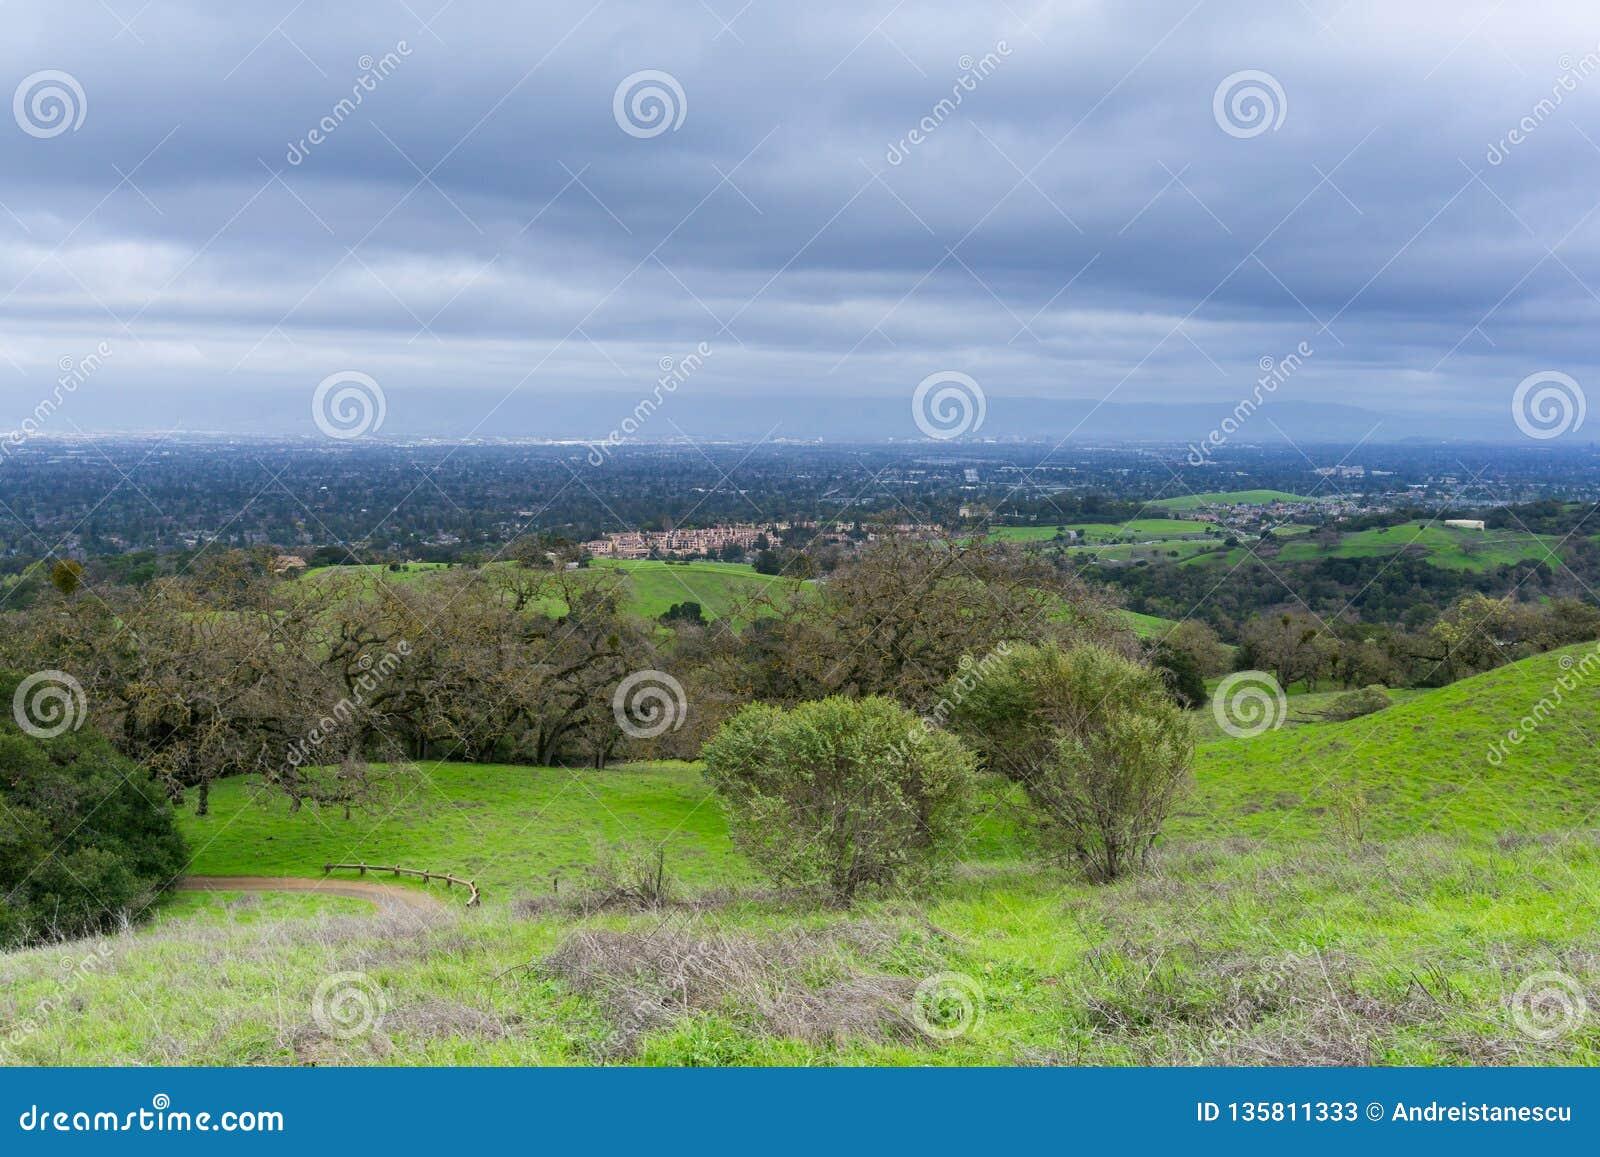 Weide en heuvels op een bewolkte en regenachtige dag in het park van de provincie van Ranchosan antonio; San Jose en Cupertino op